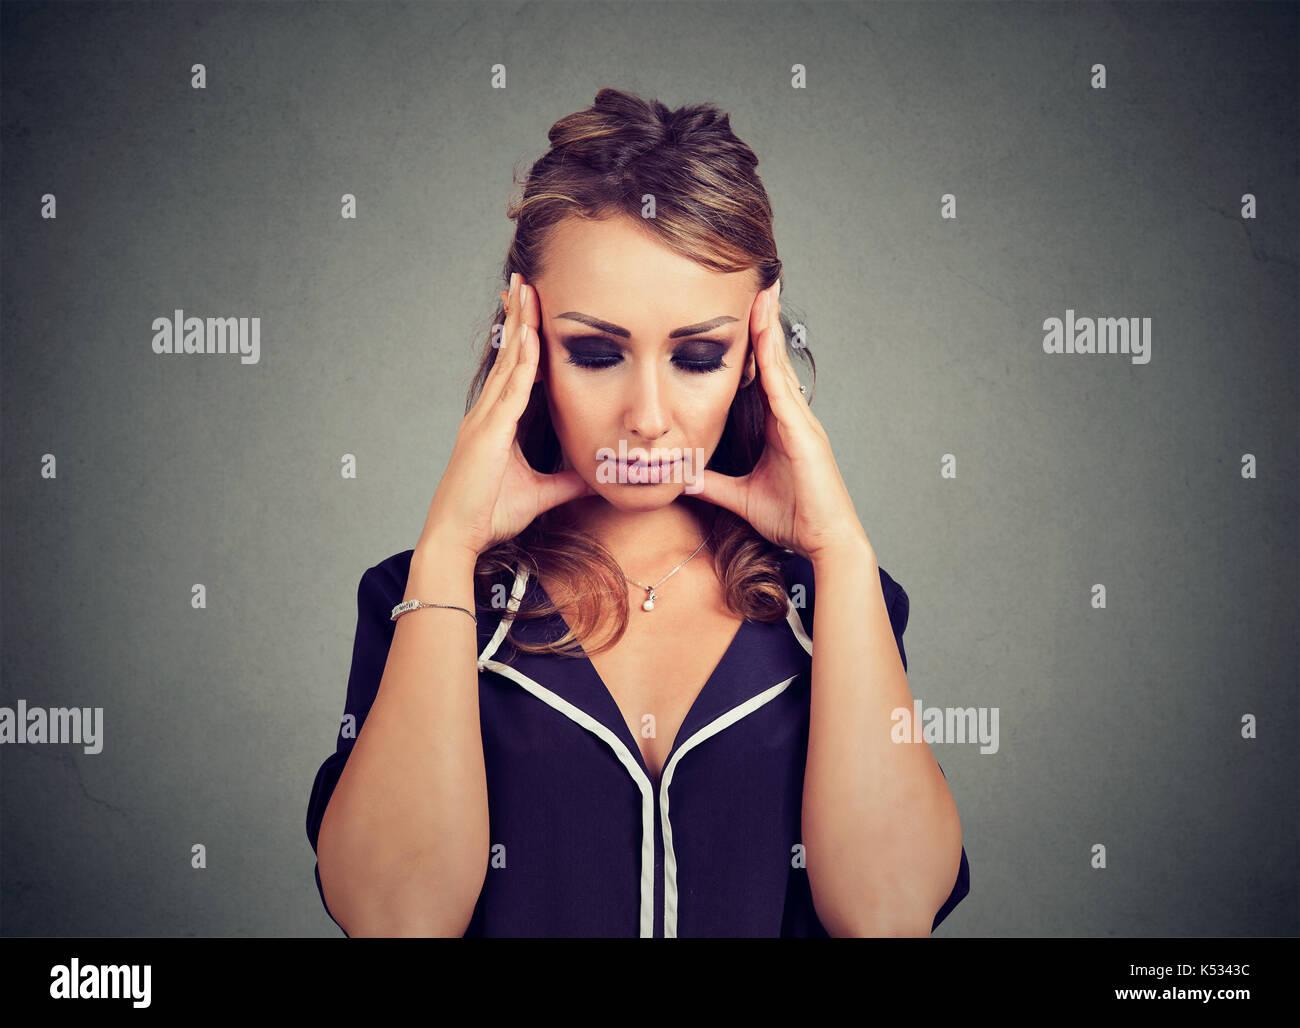 Closeup ritratto triste donna con preoccupato ha sottolineato l'espressione faccia guardando verso il basso Immagini Stock